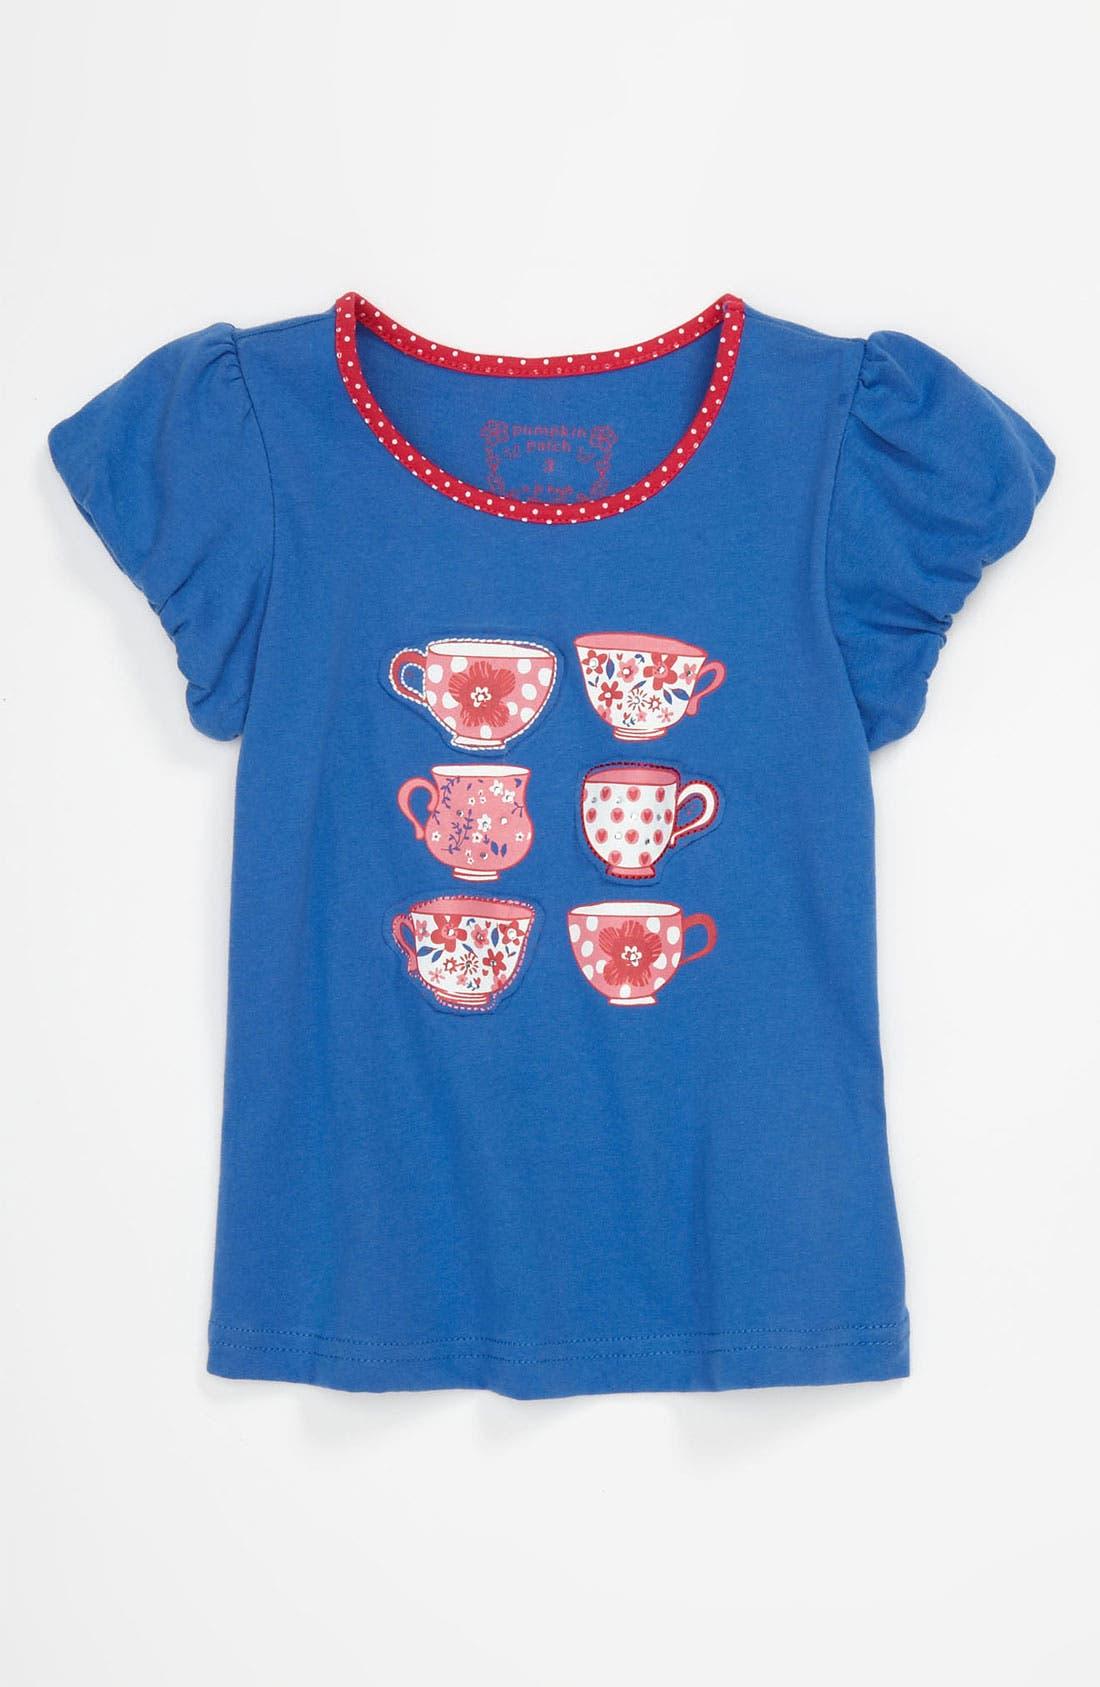 Alternate Image 1 Selected - Pumpkin Patch 'Teacup' Shirt (Toddler)